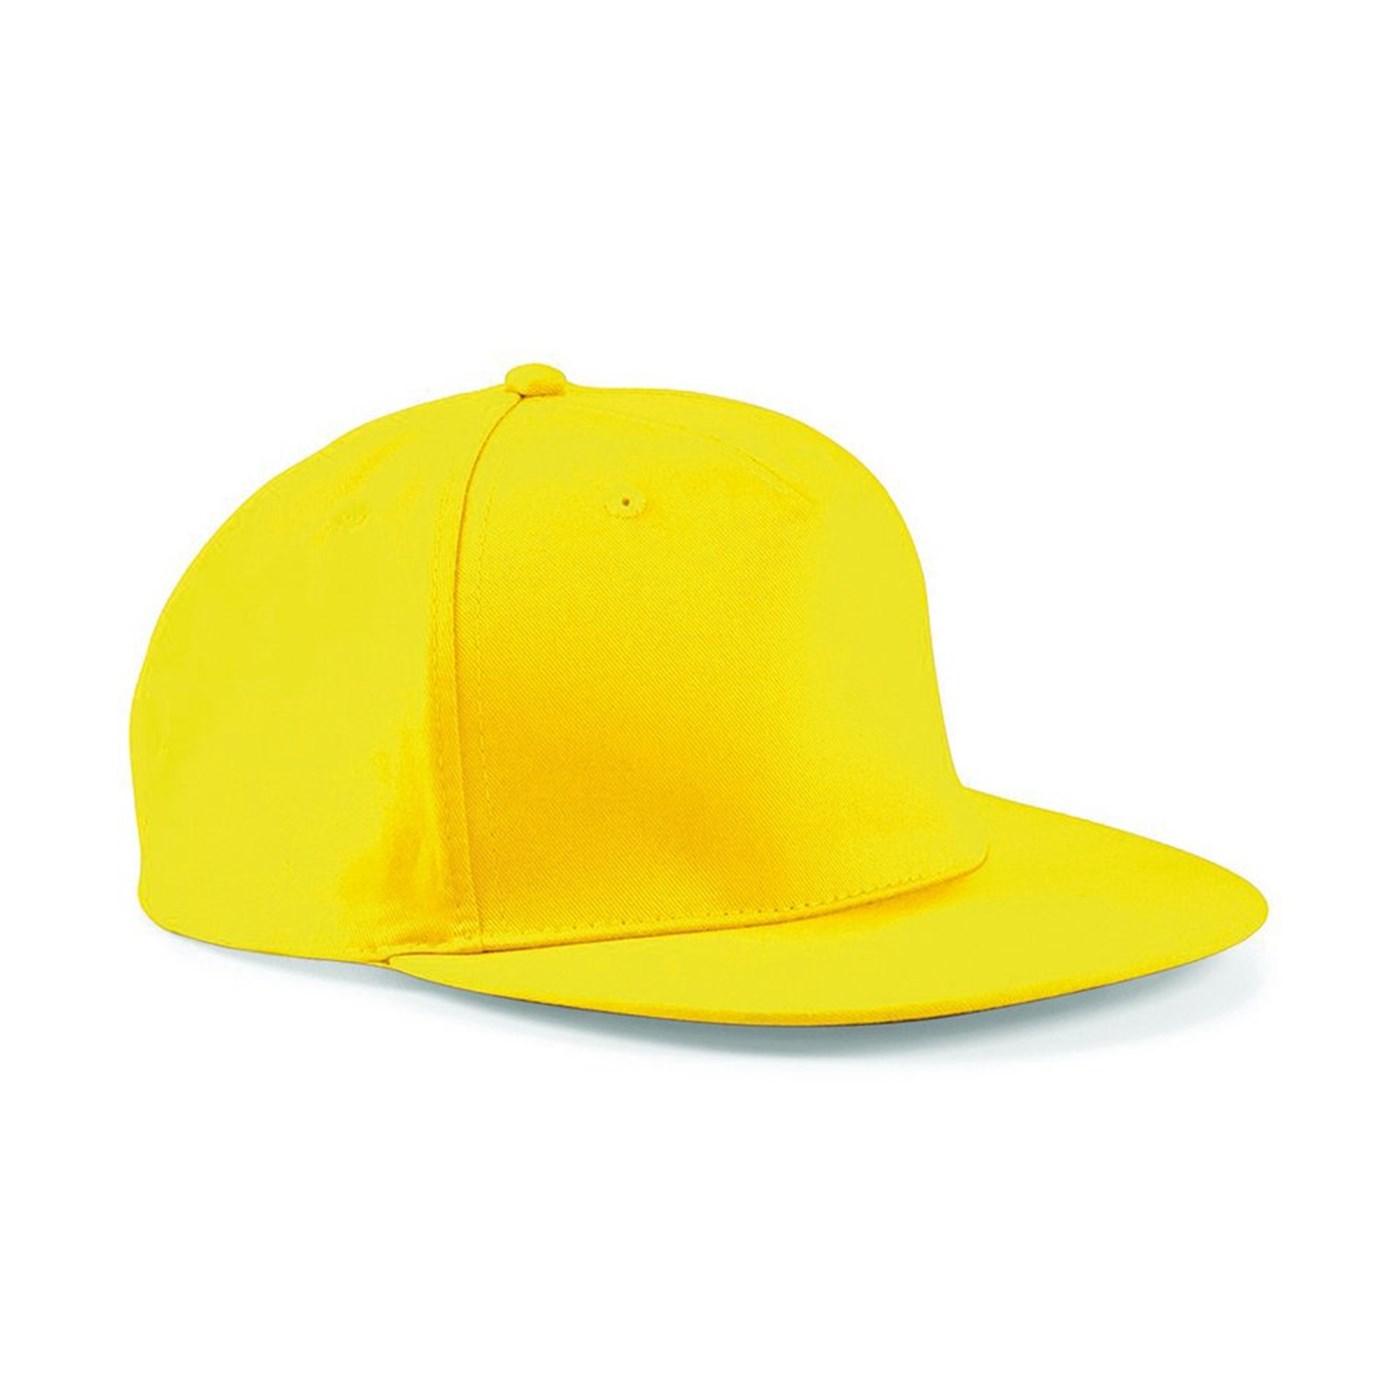 681c2f5d926 Beechfield Headwear 5 Panel Rapper Cap BC610